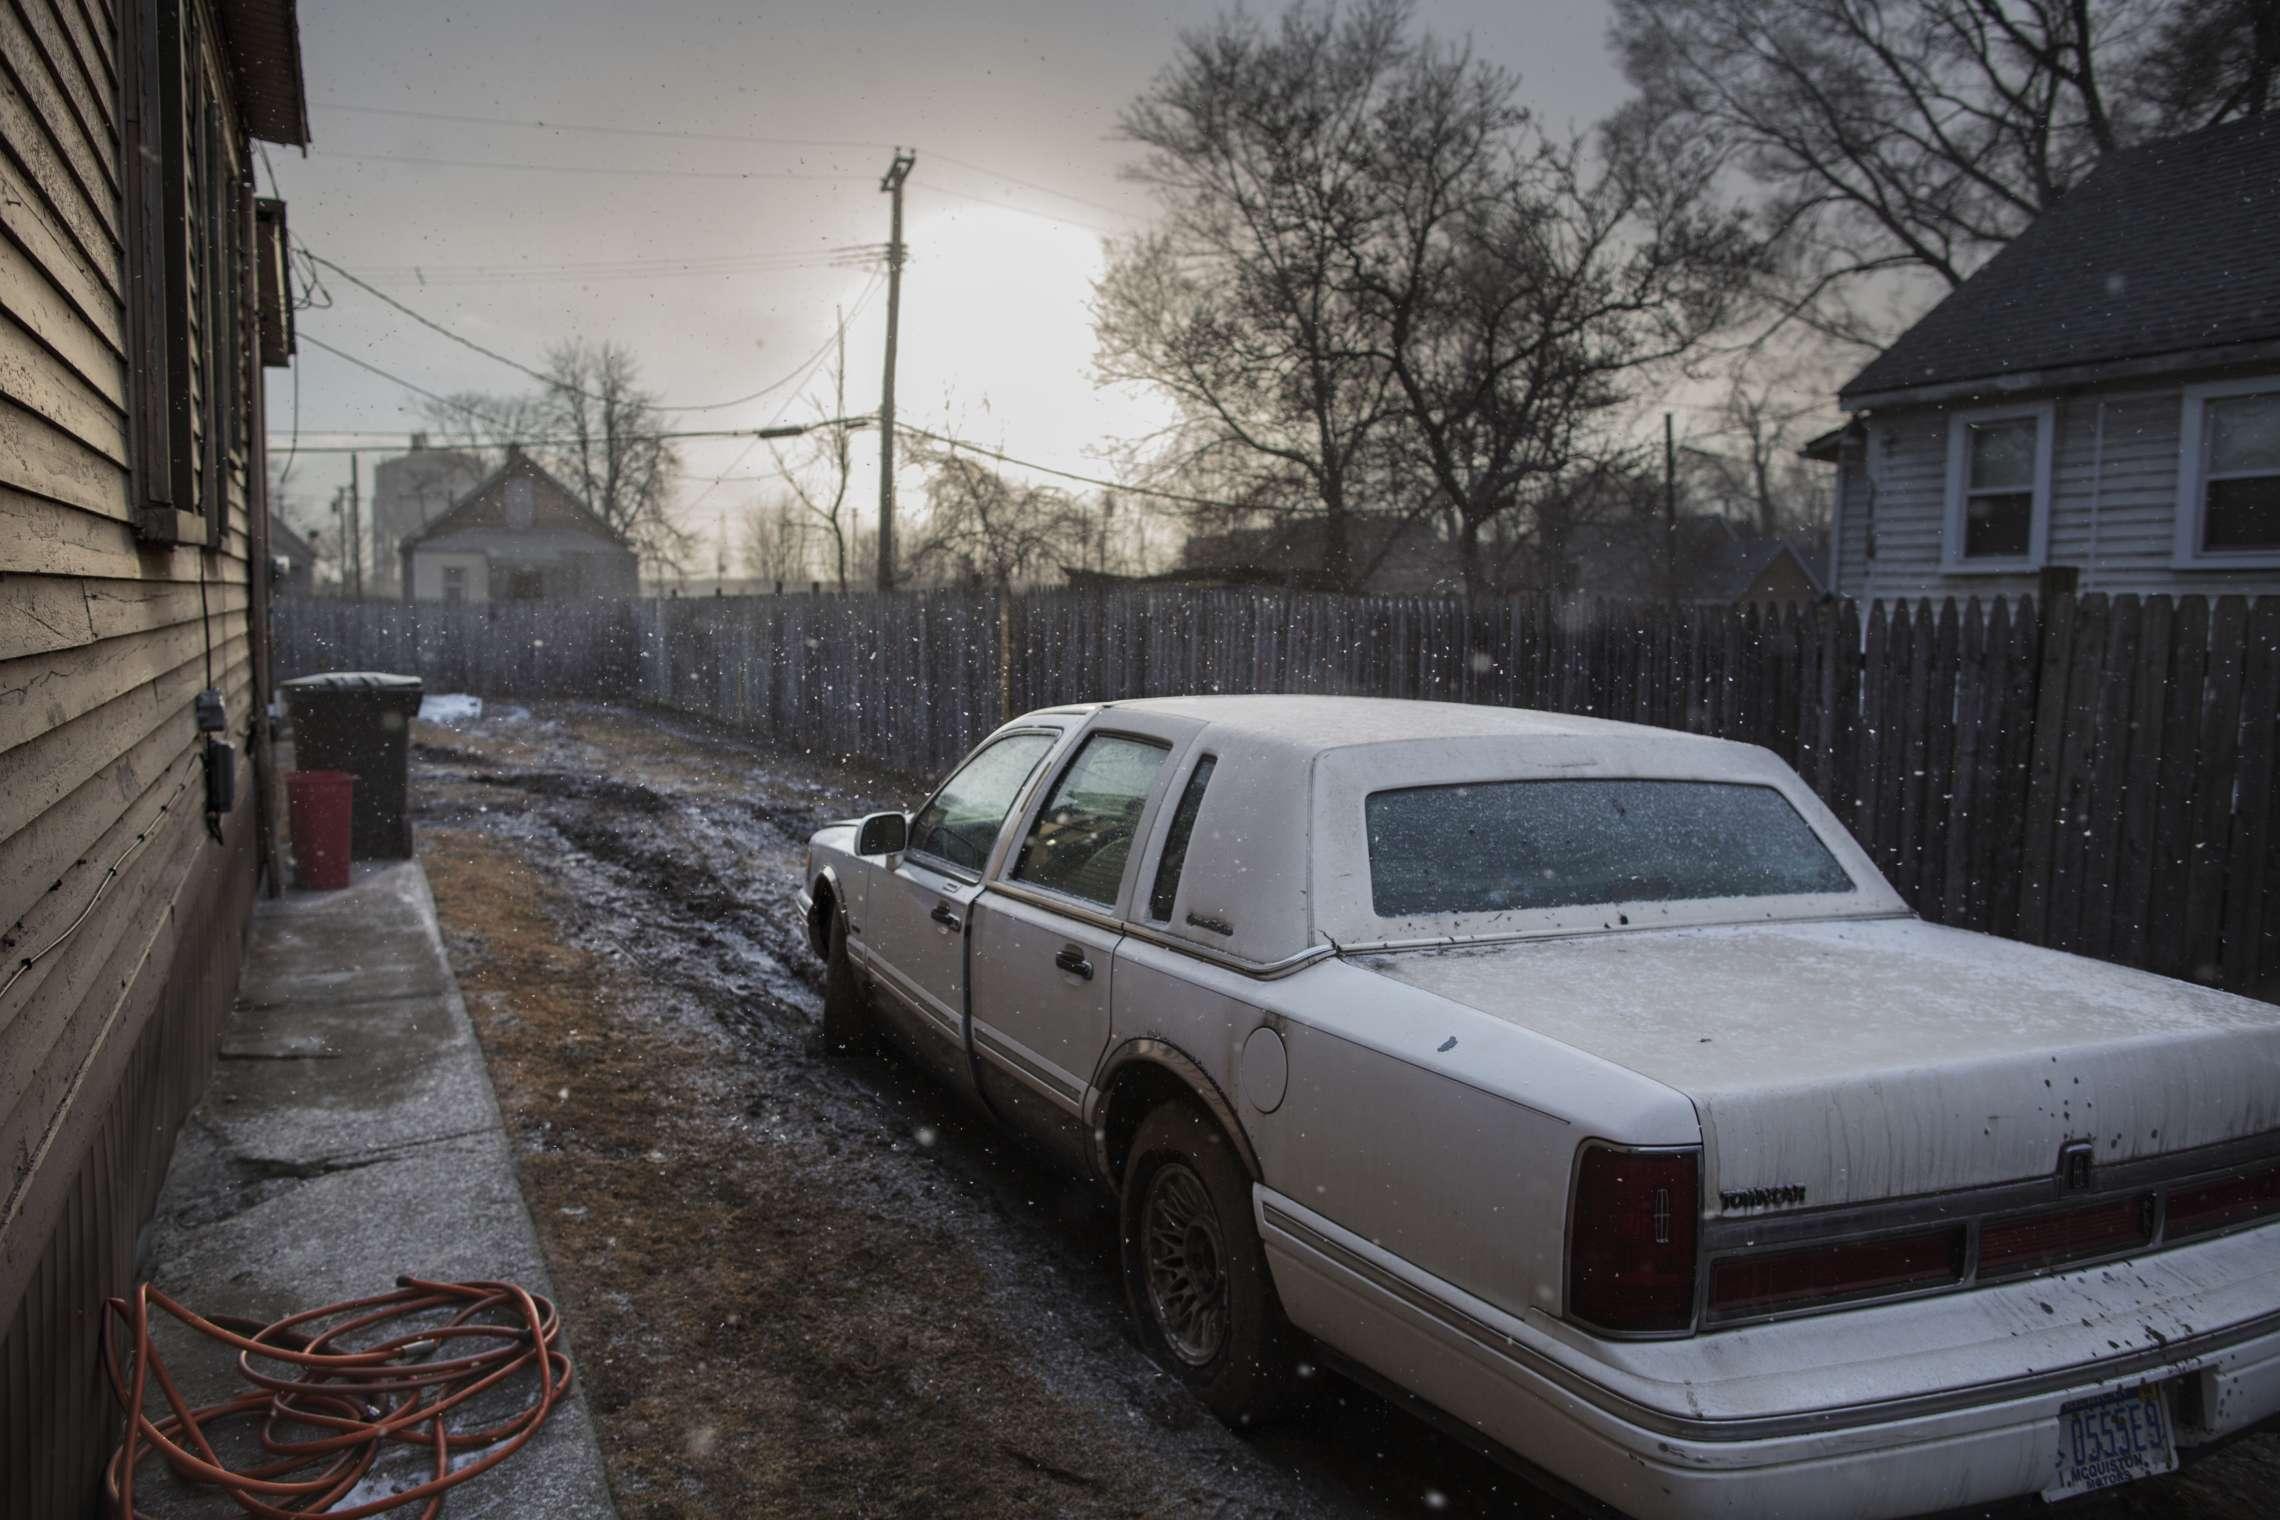 00619 08. Dokumentar utland 26.03.2014 04/10 Livet blant ruinene Ved elven Rouge River i Detroit står tomme boliger og hus som fortsatt er i bruk side om side. Området er preget av tung industri, og fortsatt driver Ford en stor fabrikk i området. Detroit var stedet hvor middelklassen ble skapt, mye takket være bilindustrien med Ford og General Motors i spissen. Hundretusener flyttet til byen, og den vokste raskt, og med gode lønninger og arbeid for alle, vokste forbruket. Men klasseskille, rasisme, opptøyer, korrupsjon og ikke minst stigende arbeidsledighet fra 1970-tallet førte til at mange forlot den en gang så pulserende byen. Tilbake sto tomme fabrikker, boliger, butikker, skoler, sykehus og andre offentlige bygninger. På begynnelsen av 1950-tallet bodde det over 1,8 millioner mennesker i Detroit, i dag rundt 700.000. I juli 2013 gikk byen konkurs, den største bykonkursen i amerikansk historie. Serien ble påbegynt i 2014 og avsluttet i 2015.